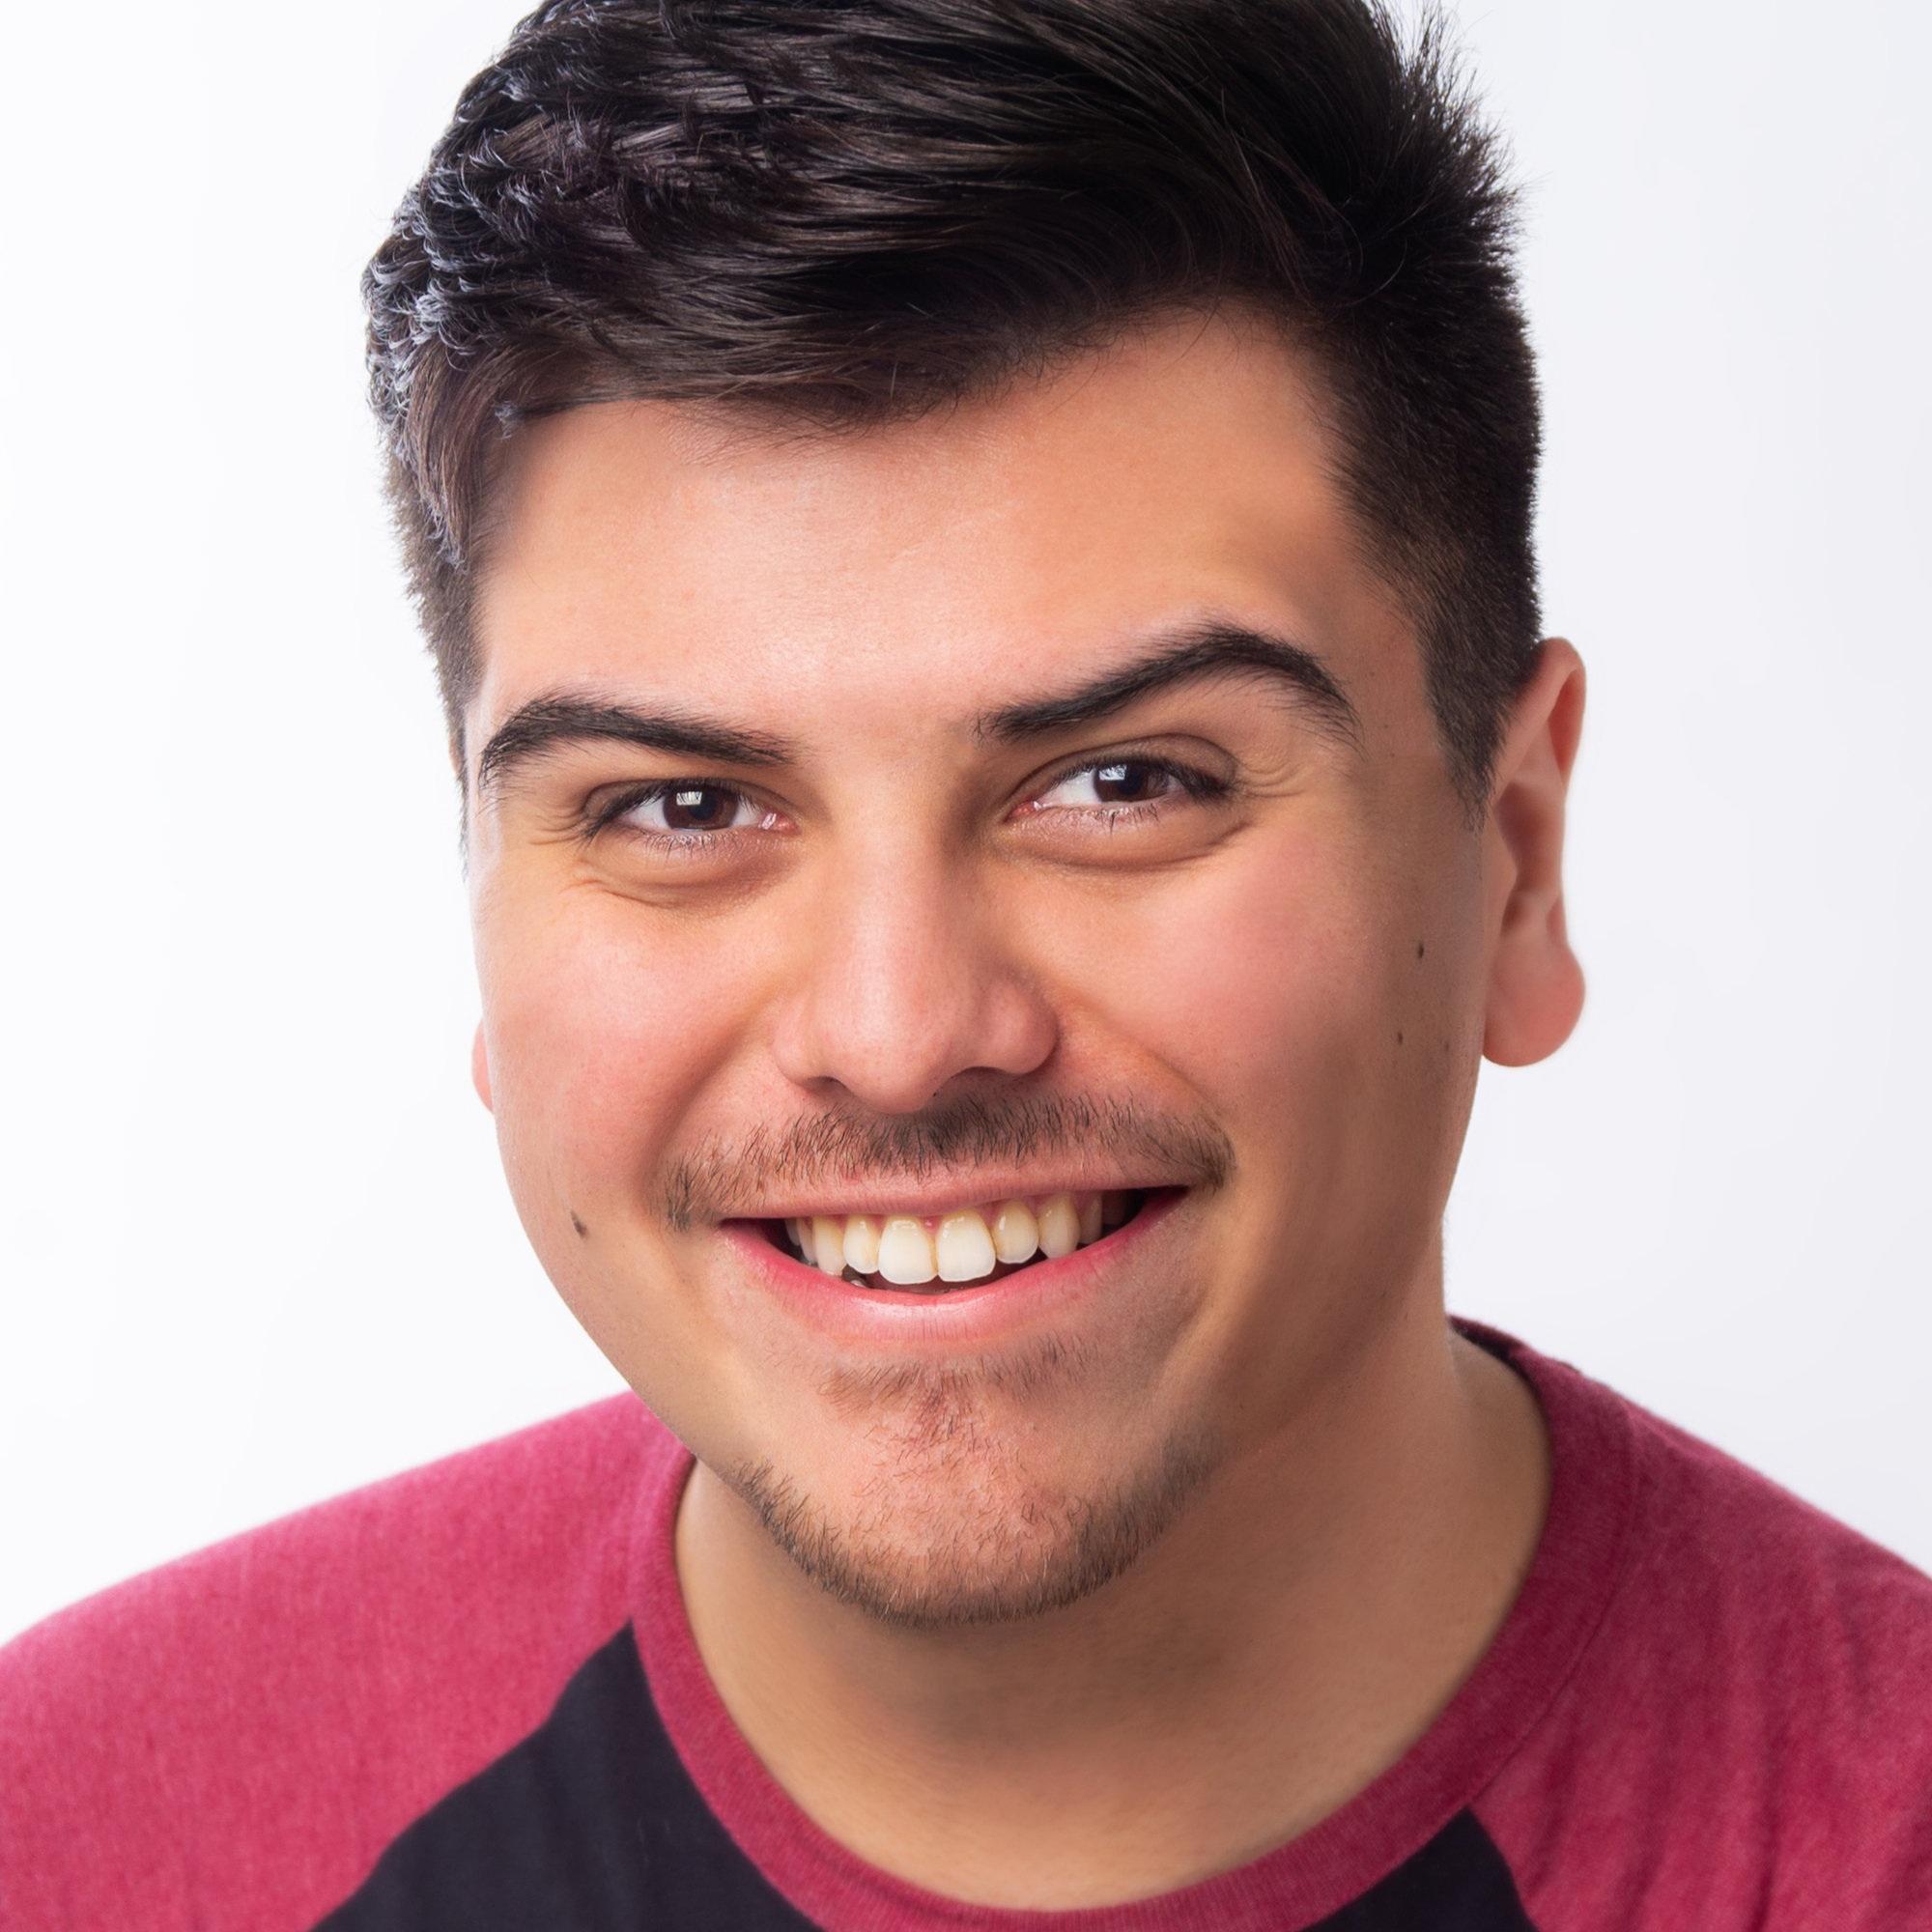 Alec Cameron Lugo